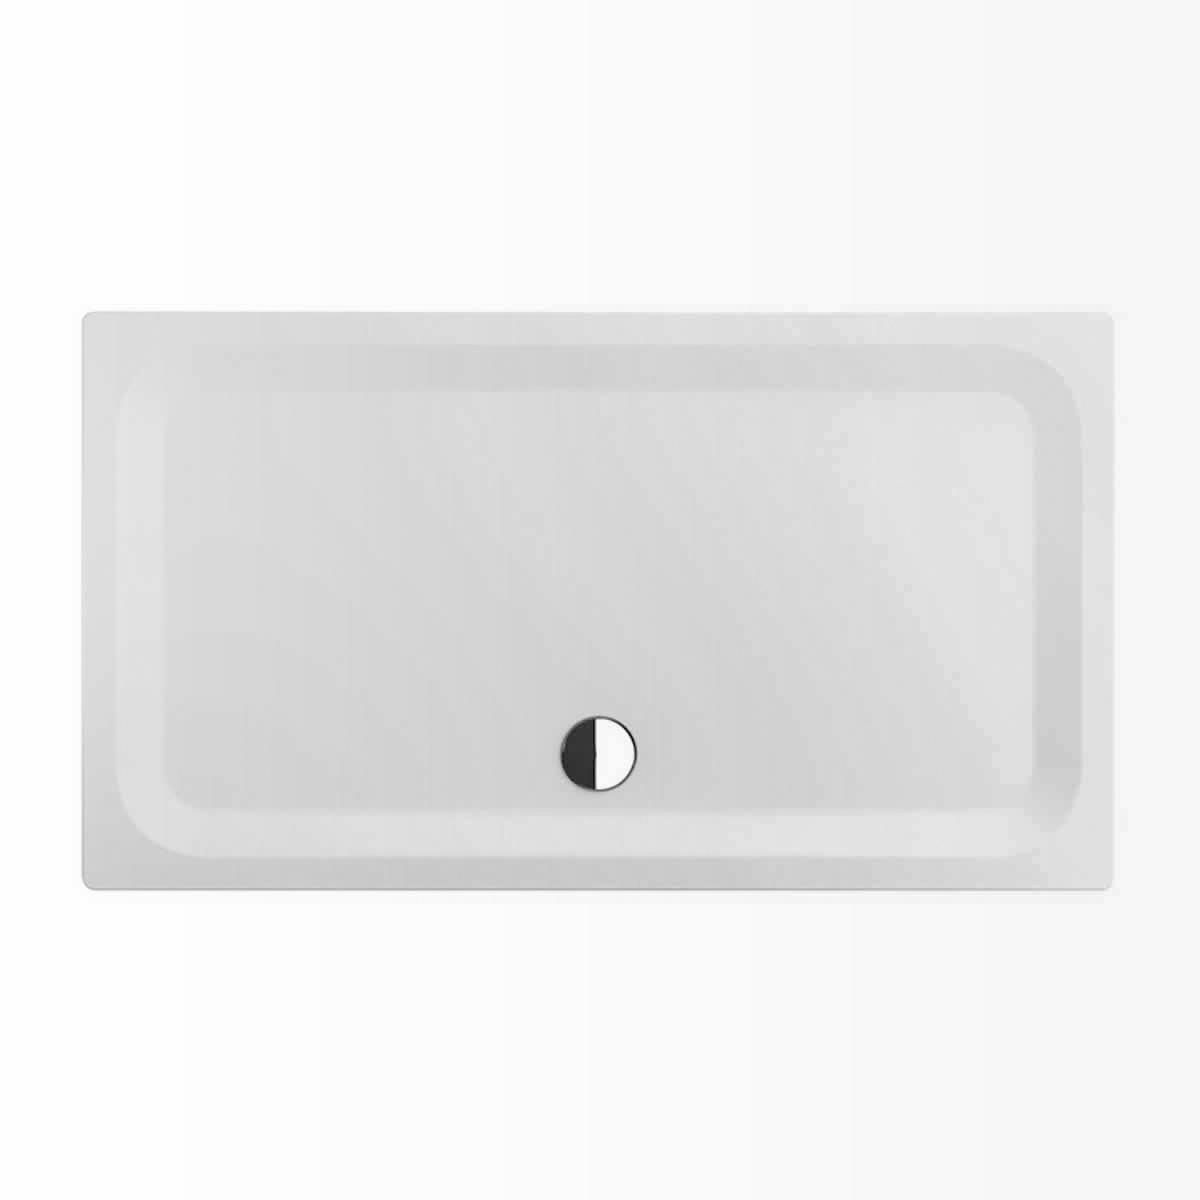 bette ultra 35mm rectangular steel shower tray uk bathrooms. Black Bedroom Furniture Sets. Home Design Ideas